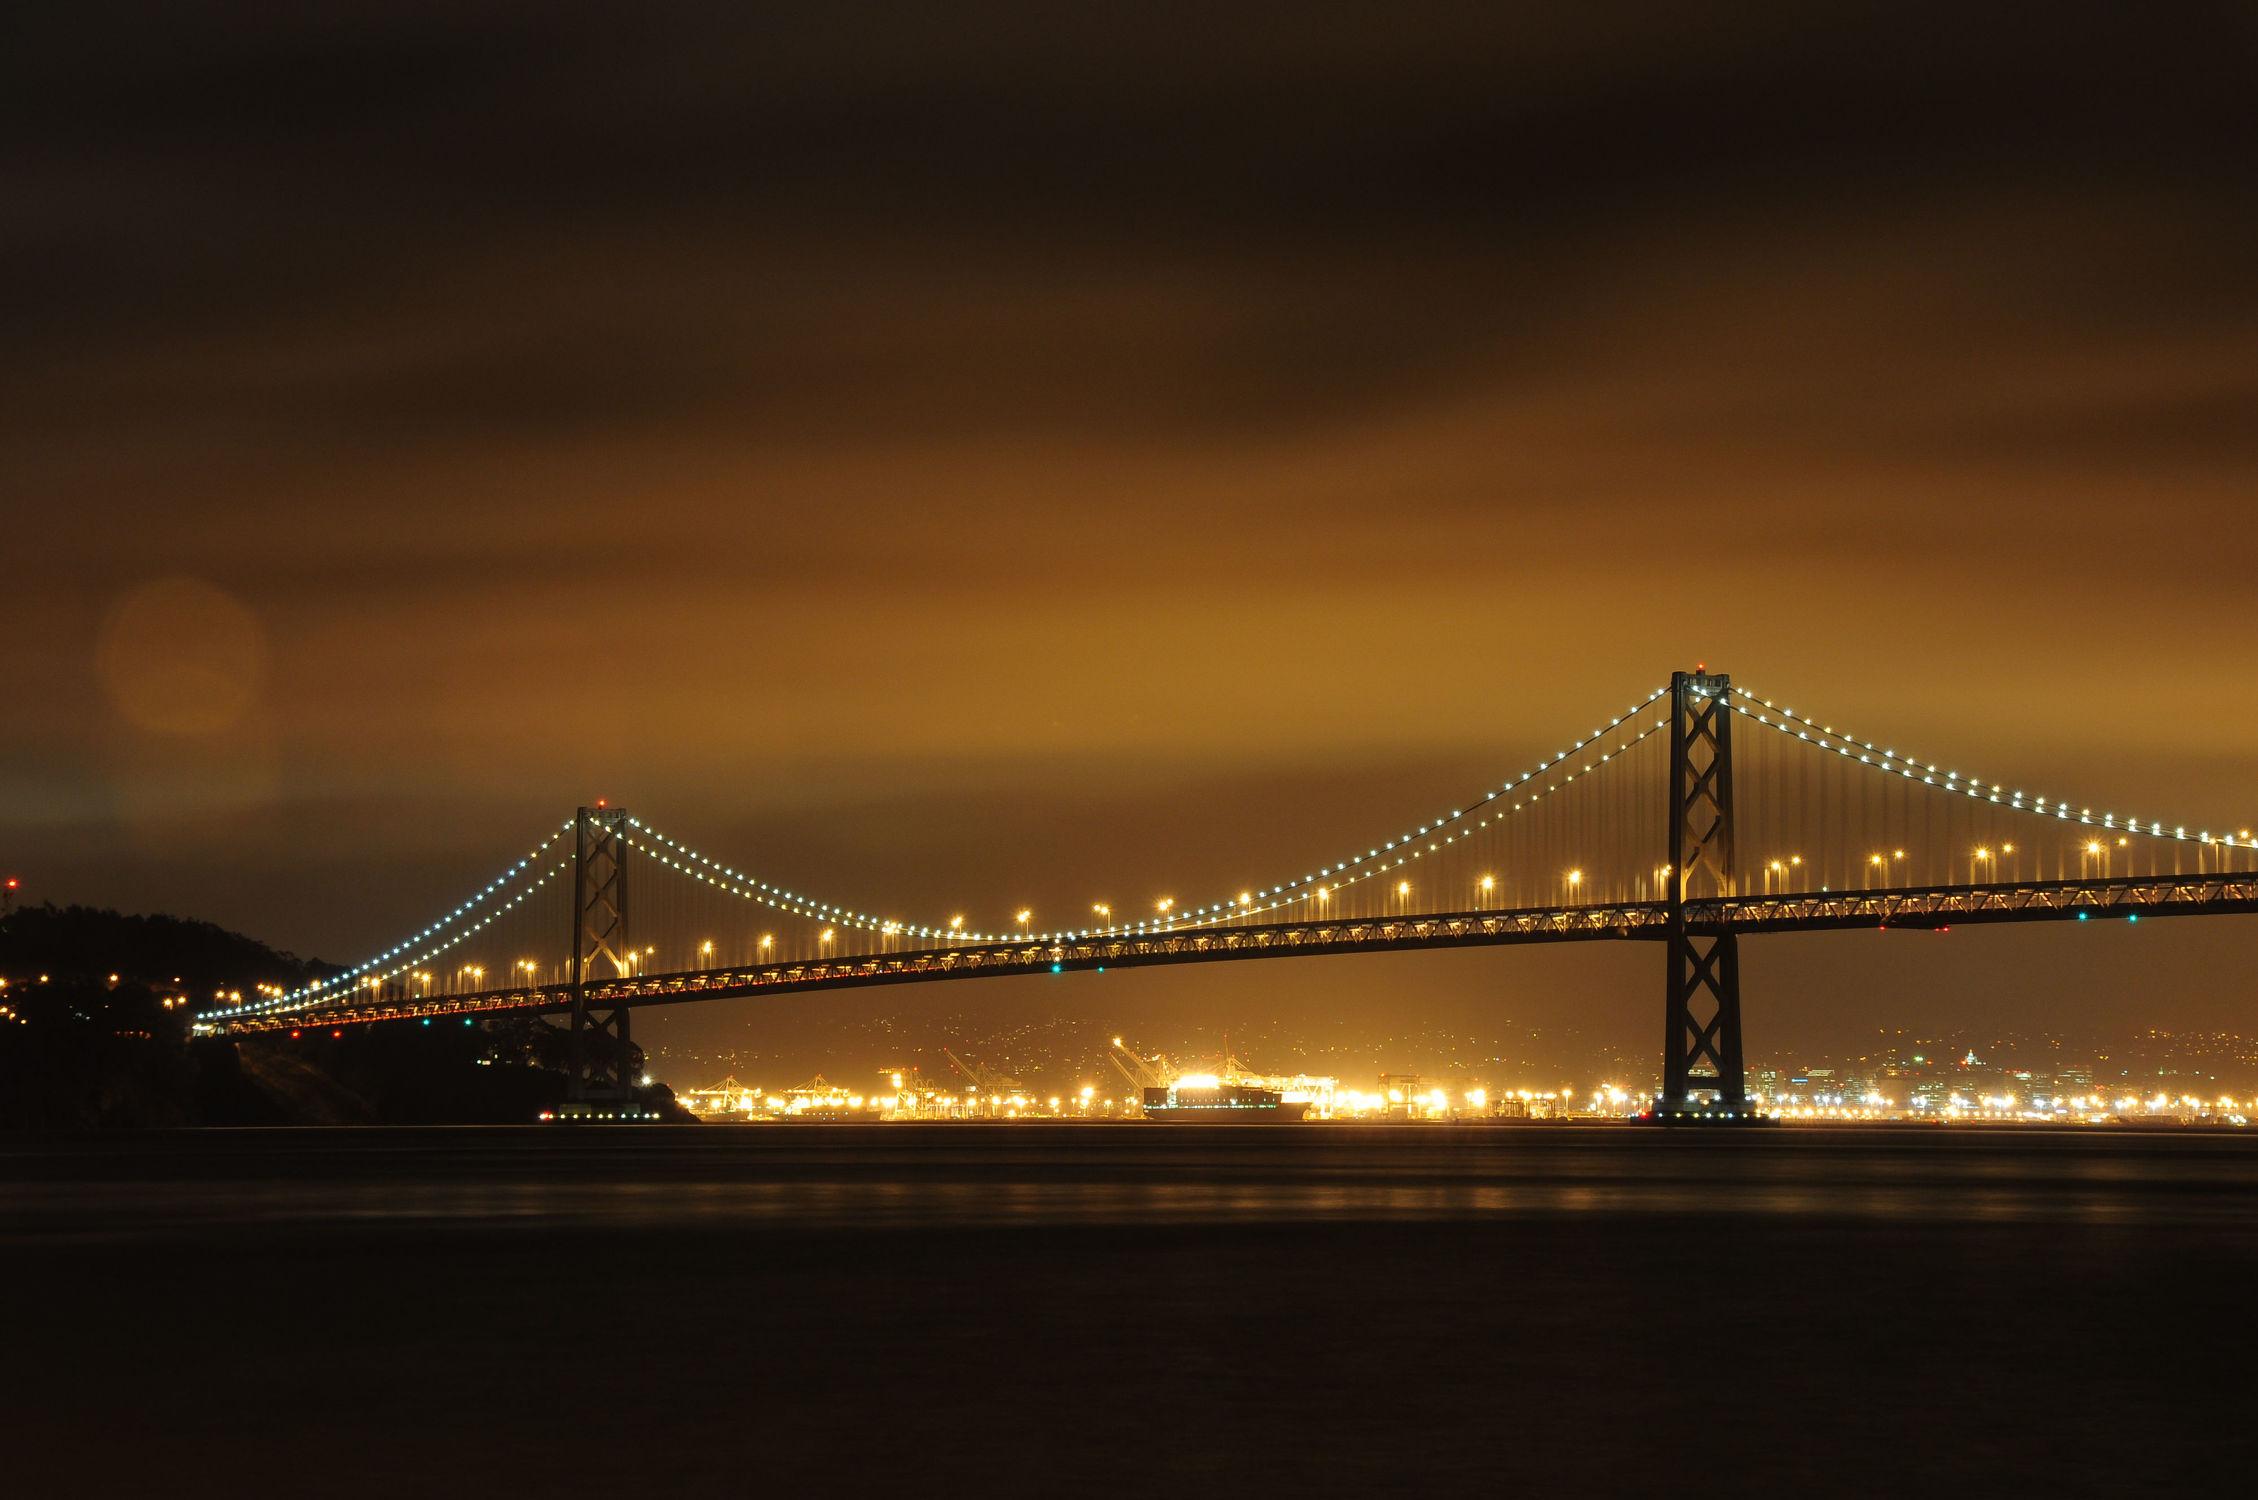 Bild mit Landschaften, Brücken, Landschaft, Brücke, landscape, Nachtaufnahmen, Nacht, Nachtaufnahme, san fransisco, baybridge